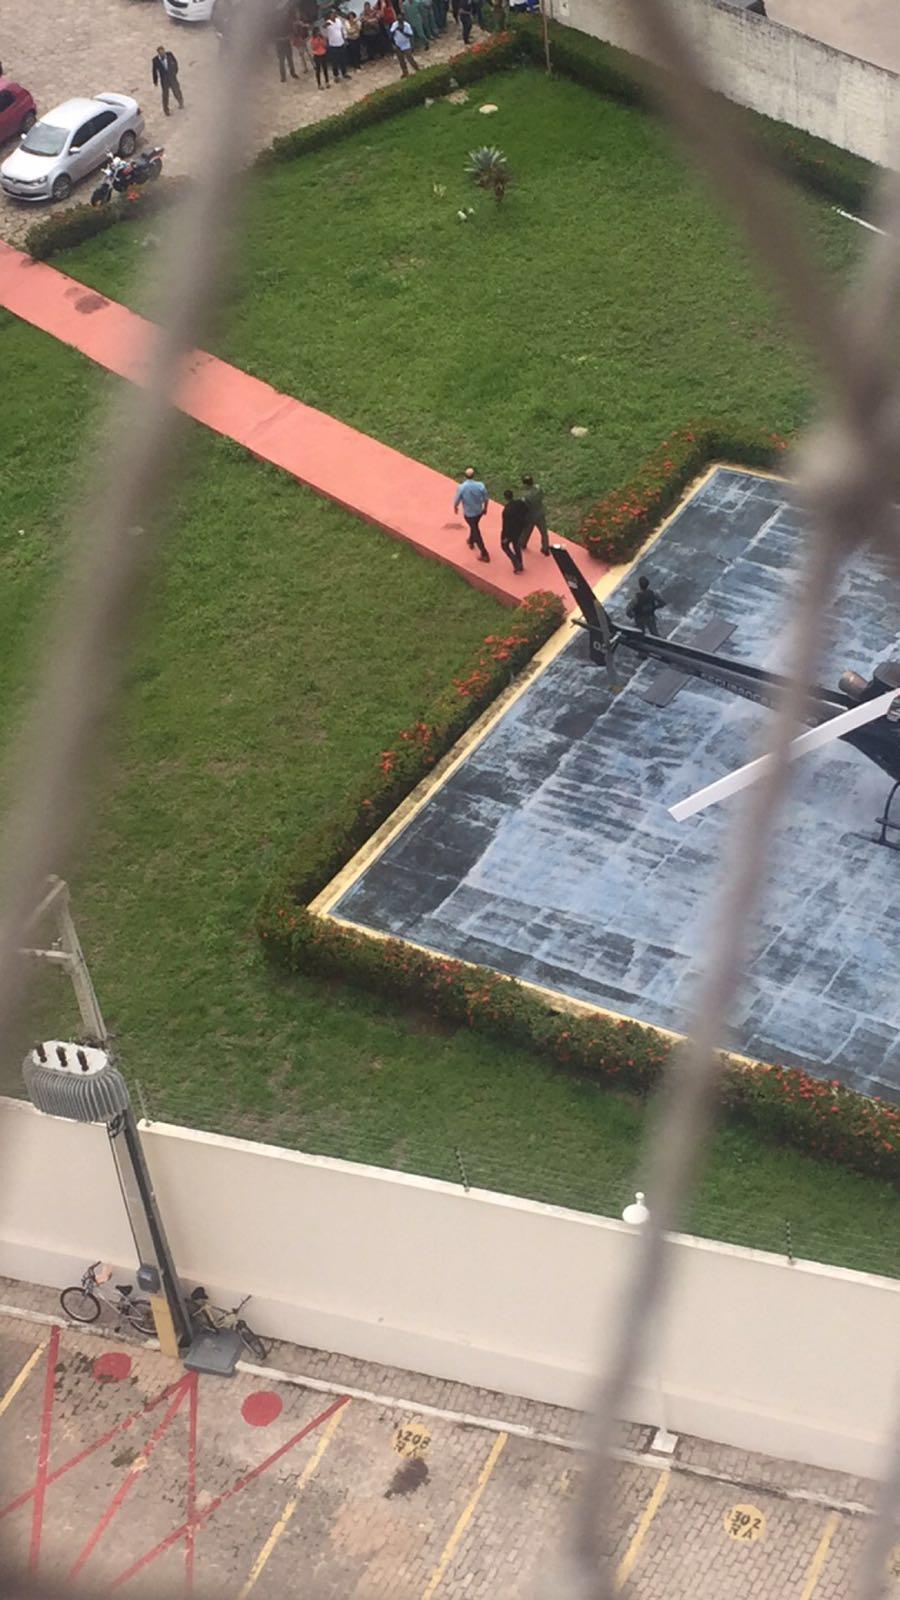 Prefeito foi levado pela Polícia para depor em São Luís